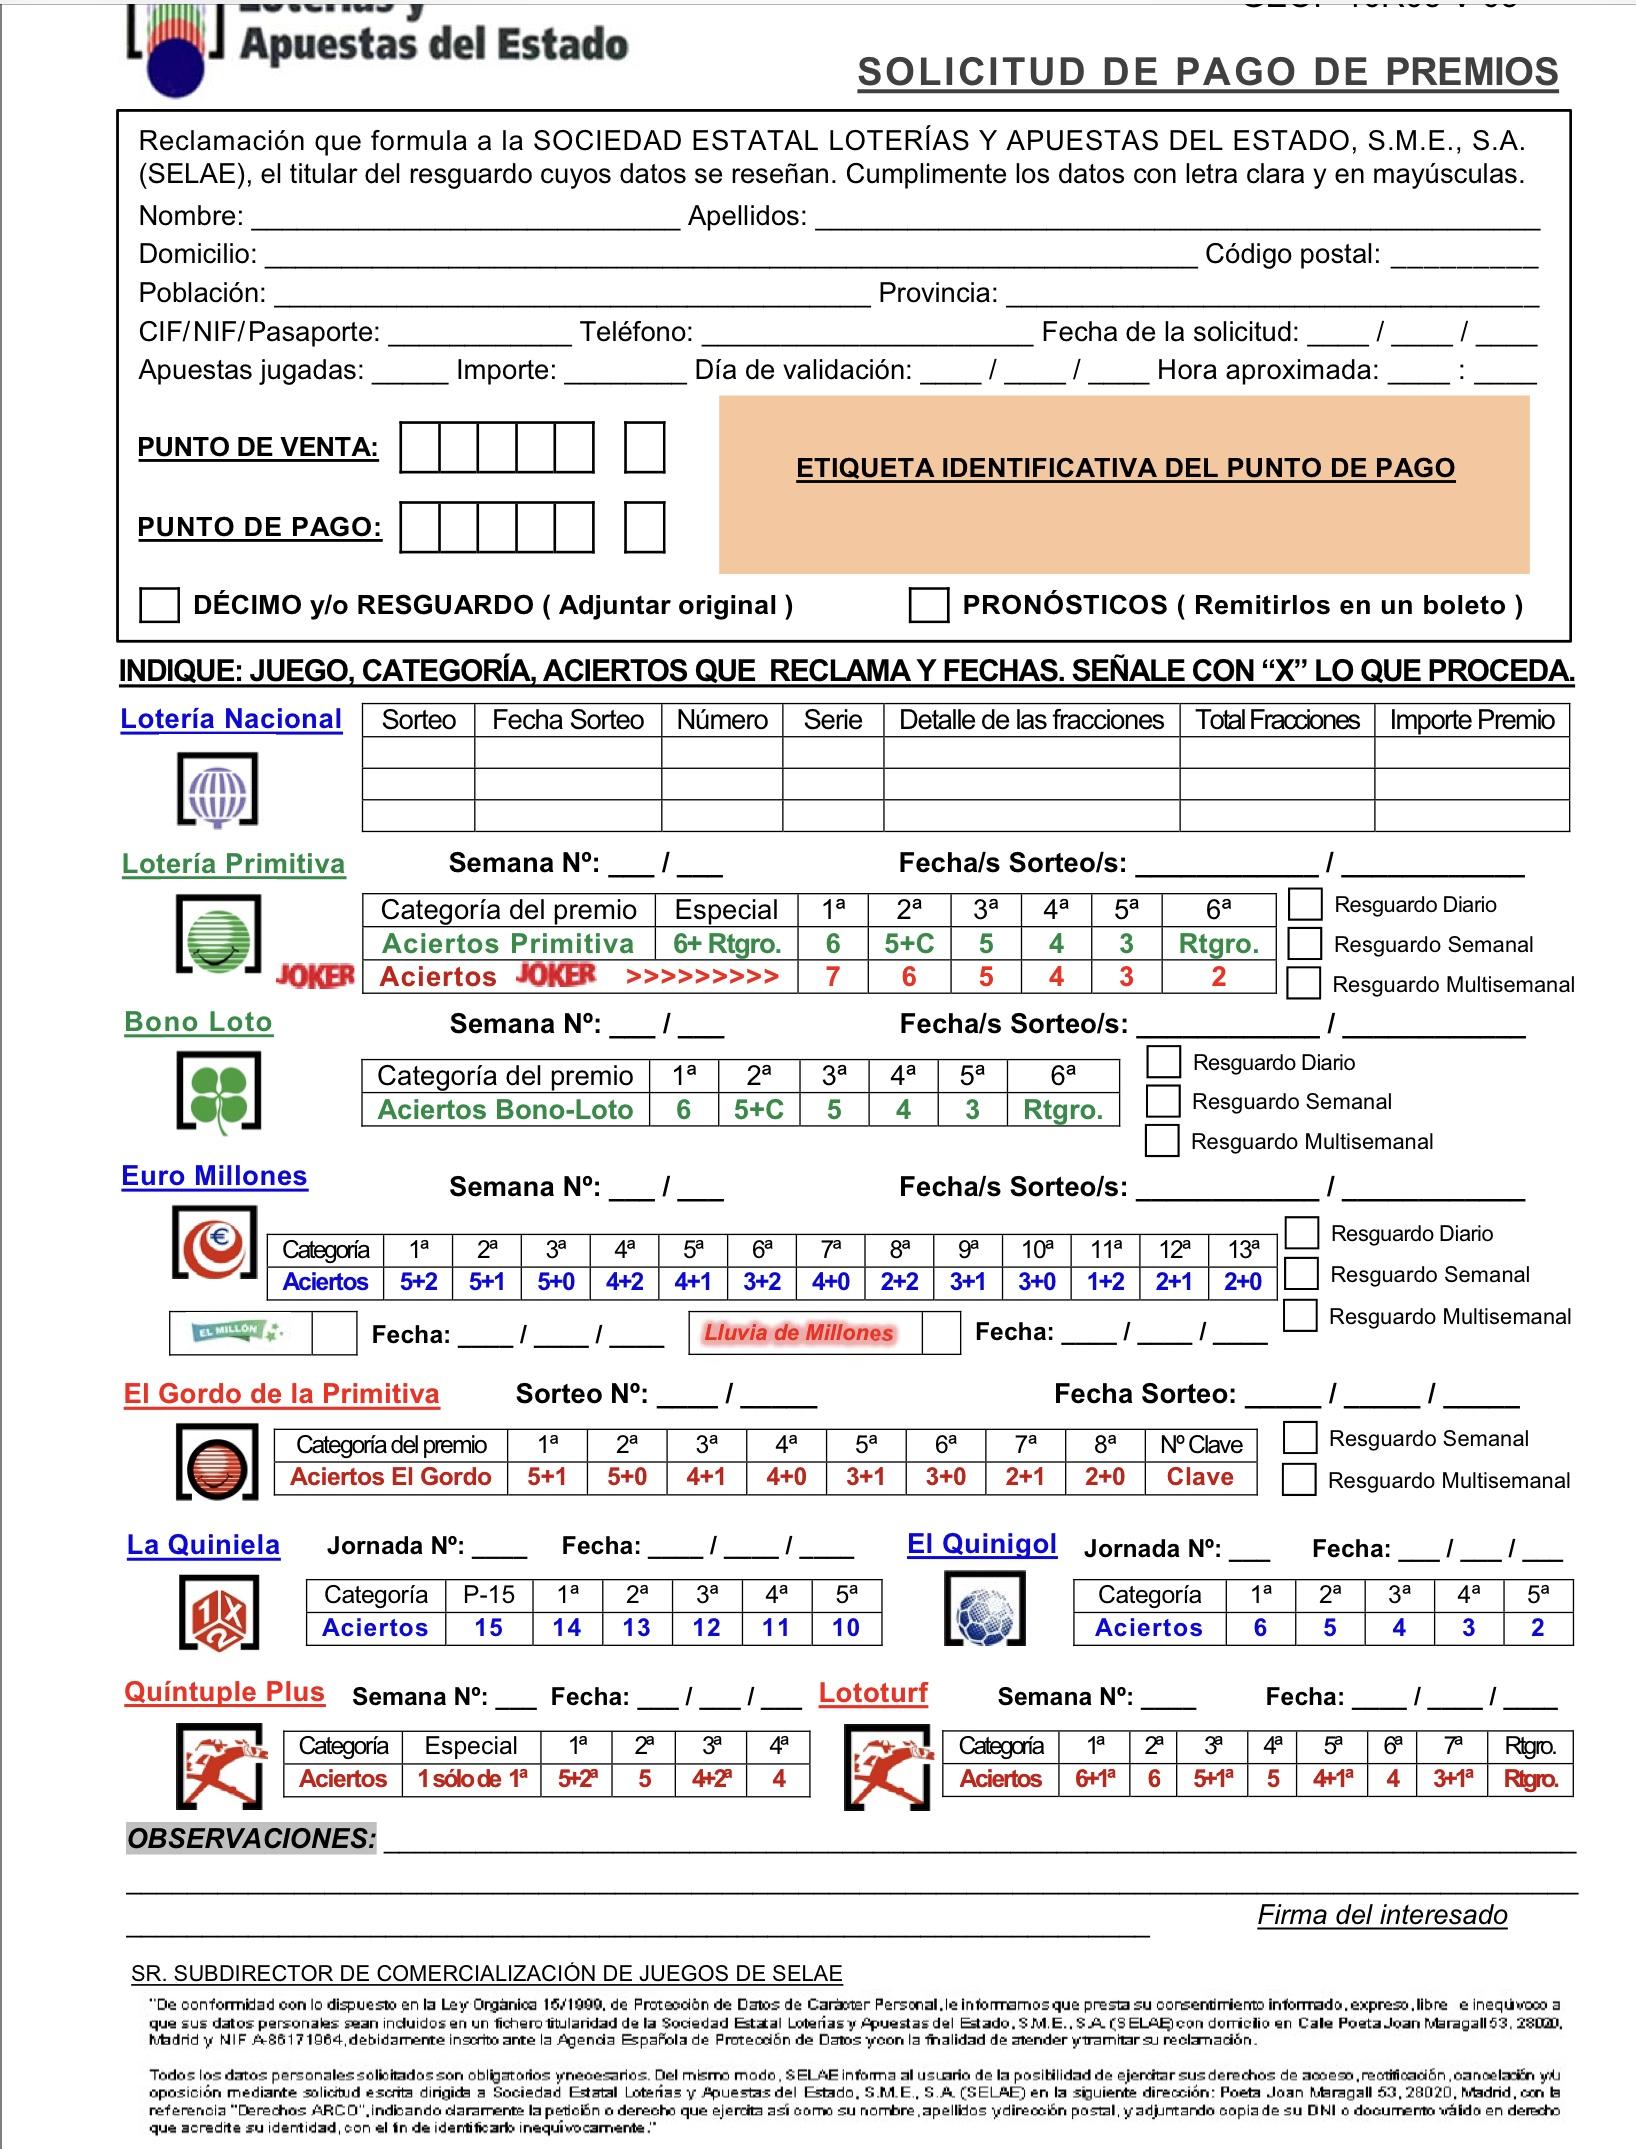 Formulario para solicitar pago de premios de resguardos deteriorados